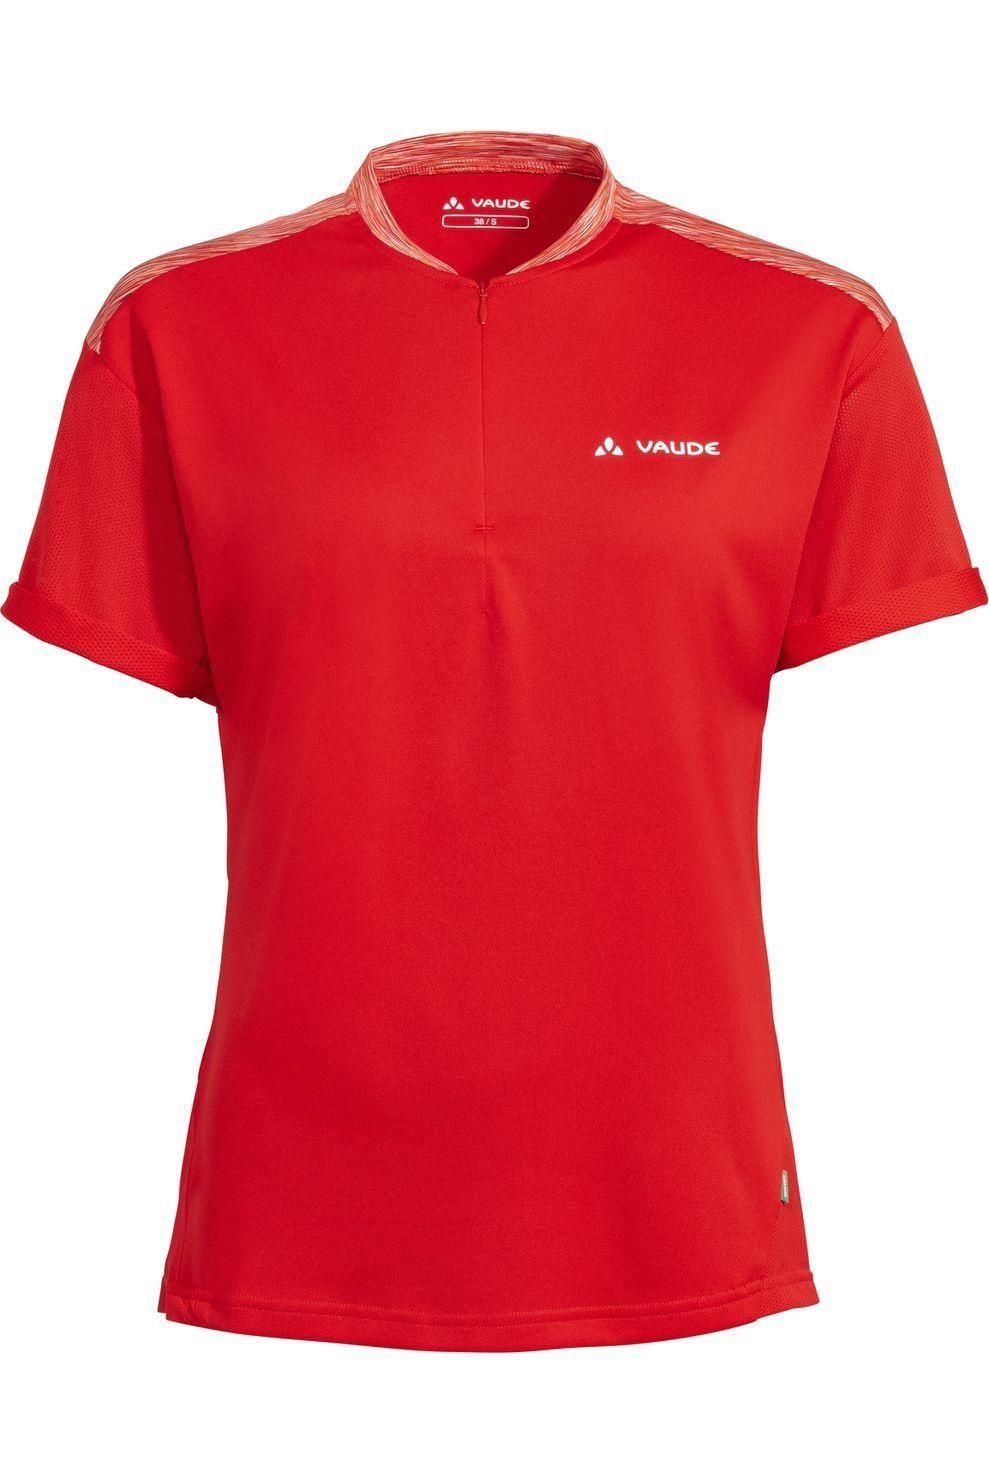 VAUDE T-Shirt Qimsa voor dames - Rood - Maten: 36, 38, 40, 42, 44